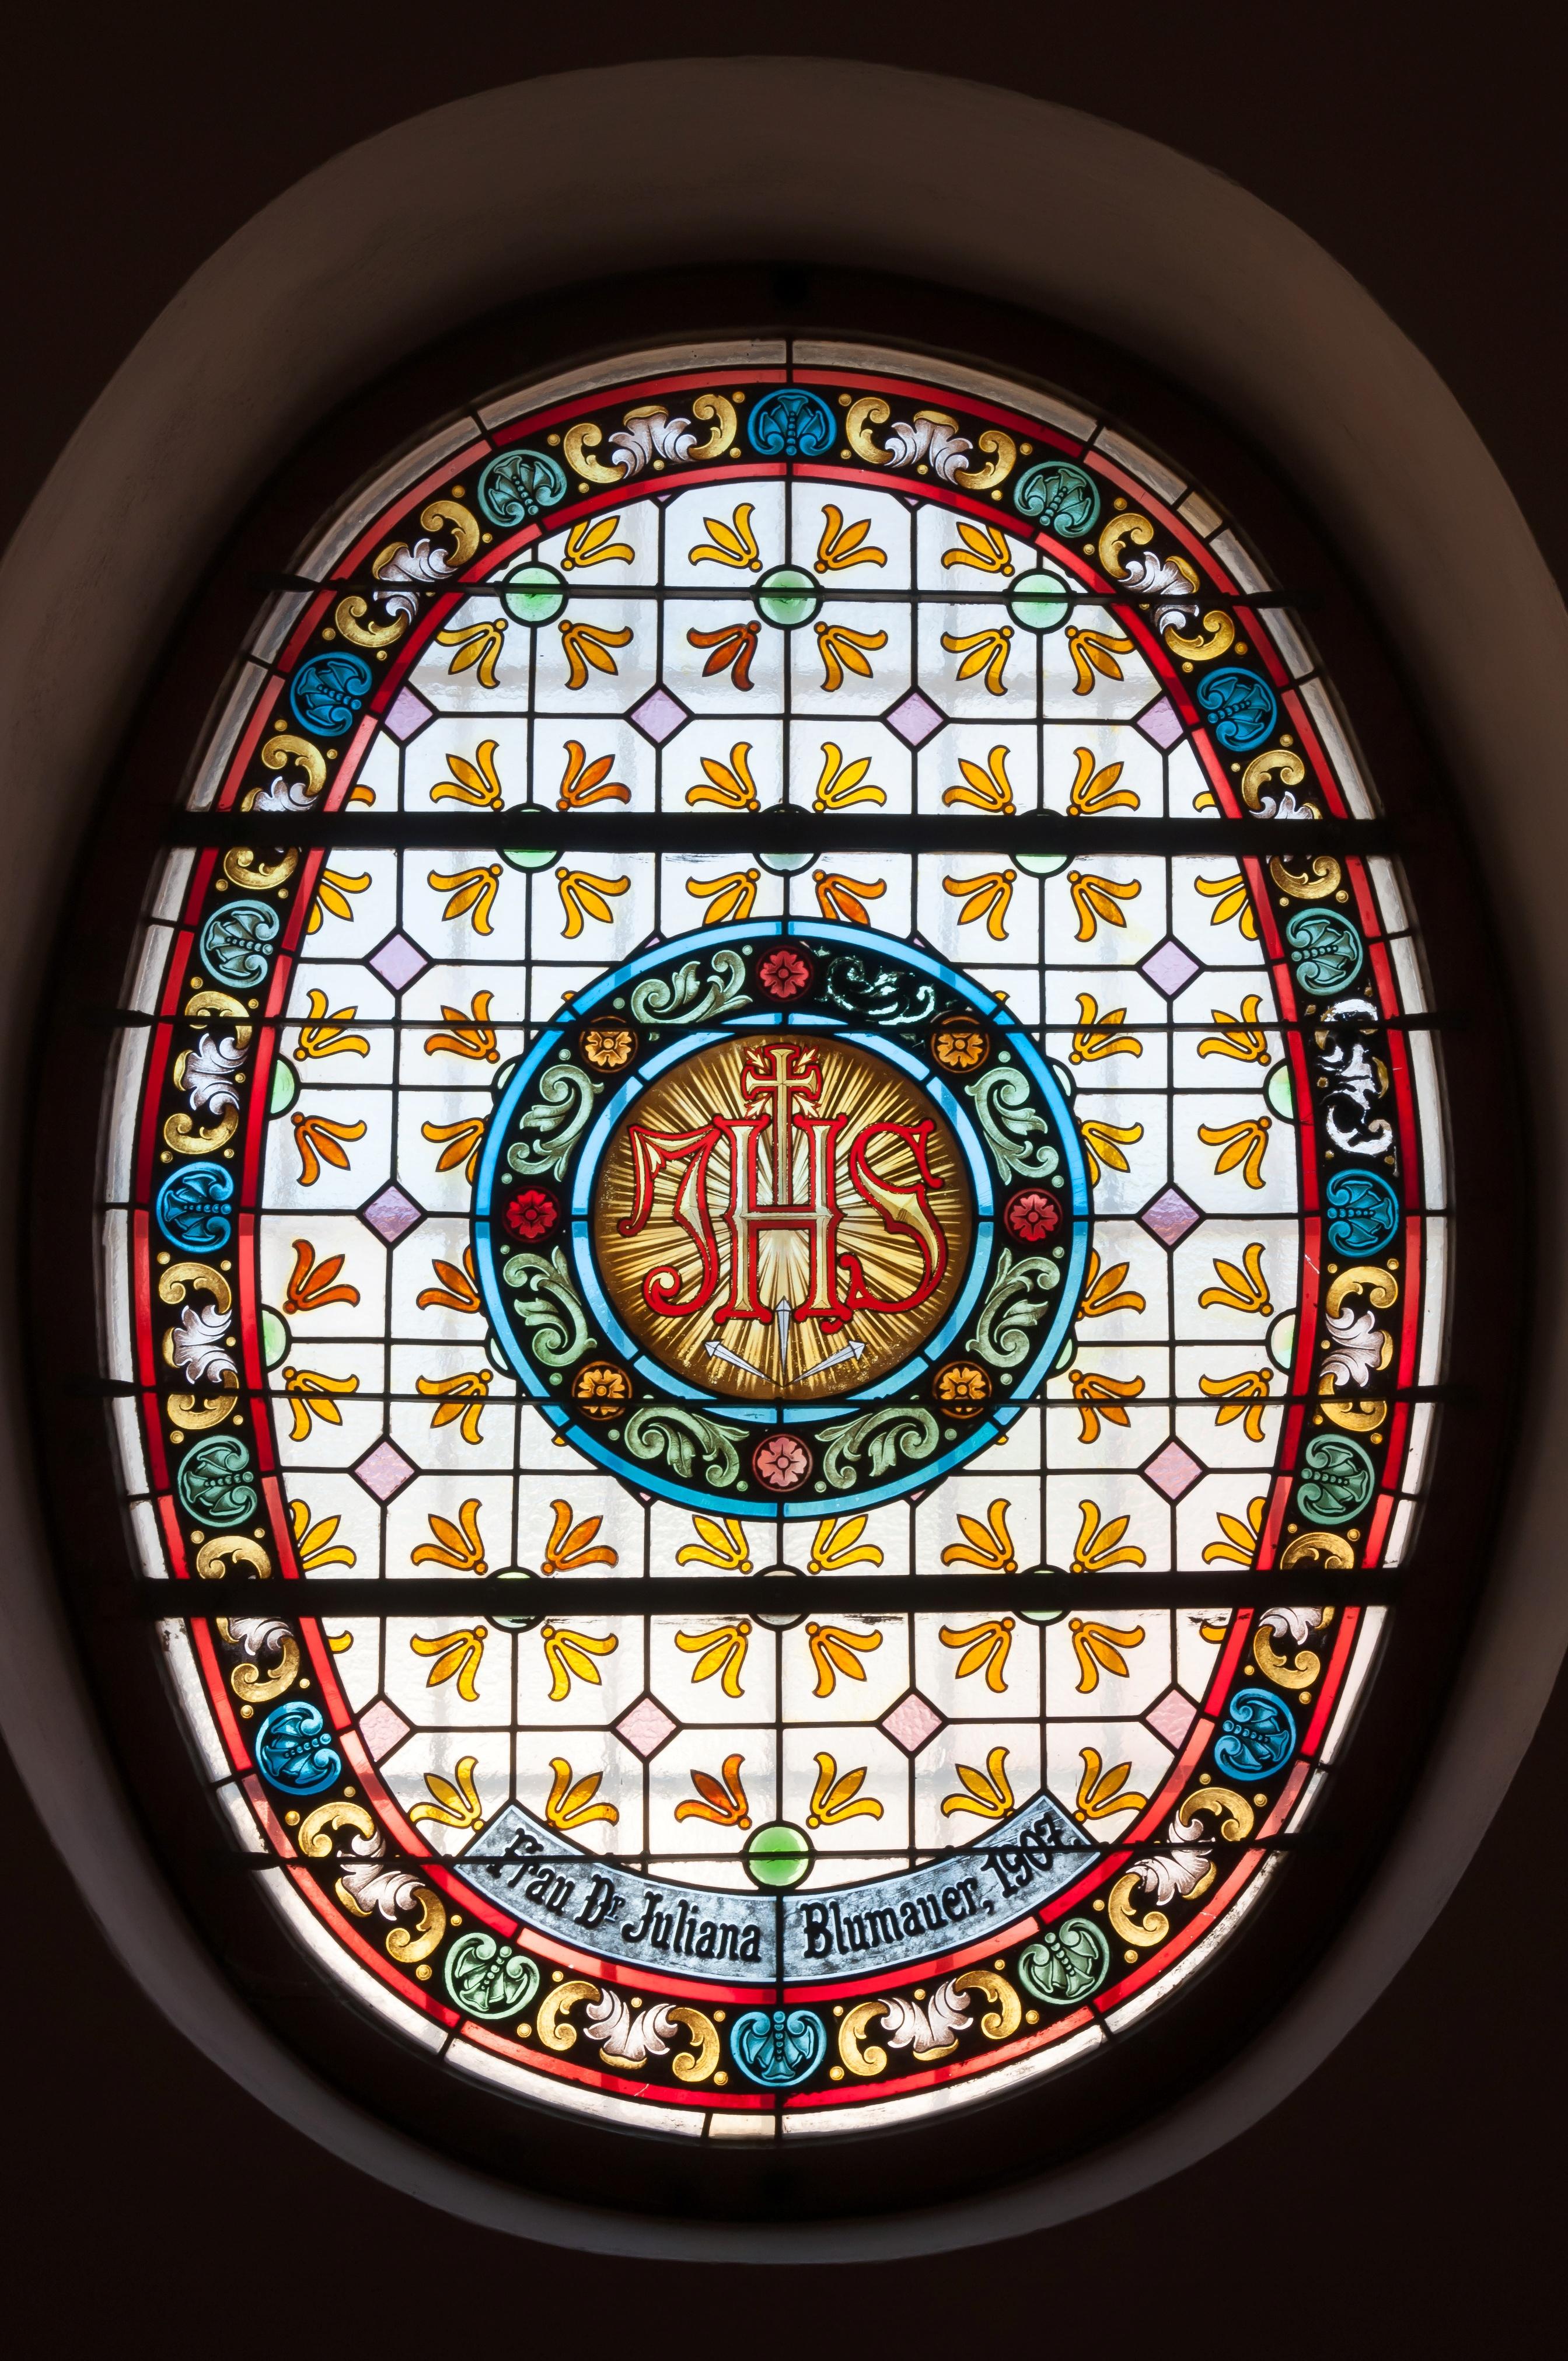 Tobelbad Kirche Fenster.jpg Deutsch: Glasfenster in der Eingangshalle der Kath. Pfarrkirche Unbefleckte Empfängnis in Tobelbad. English: Stained